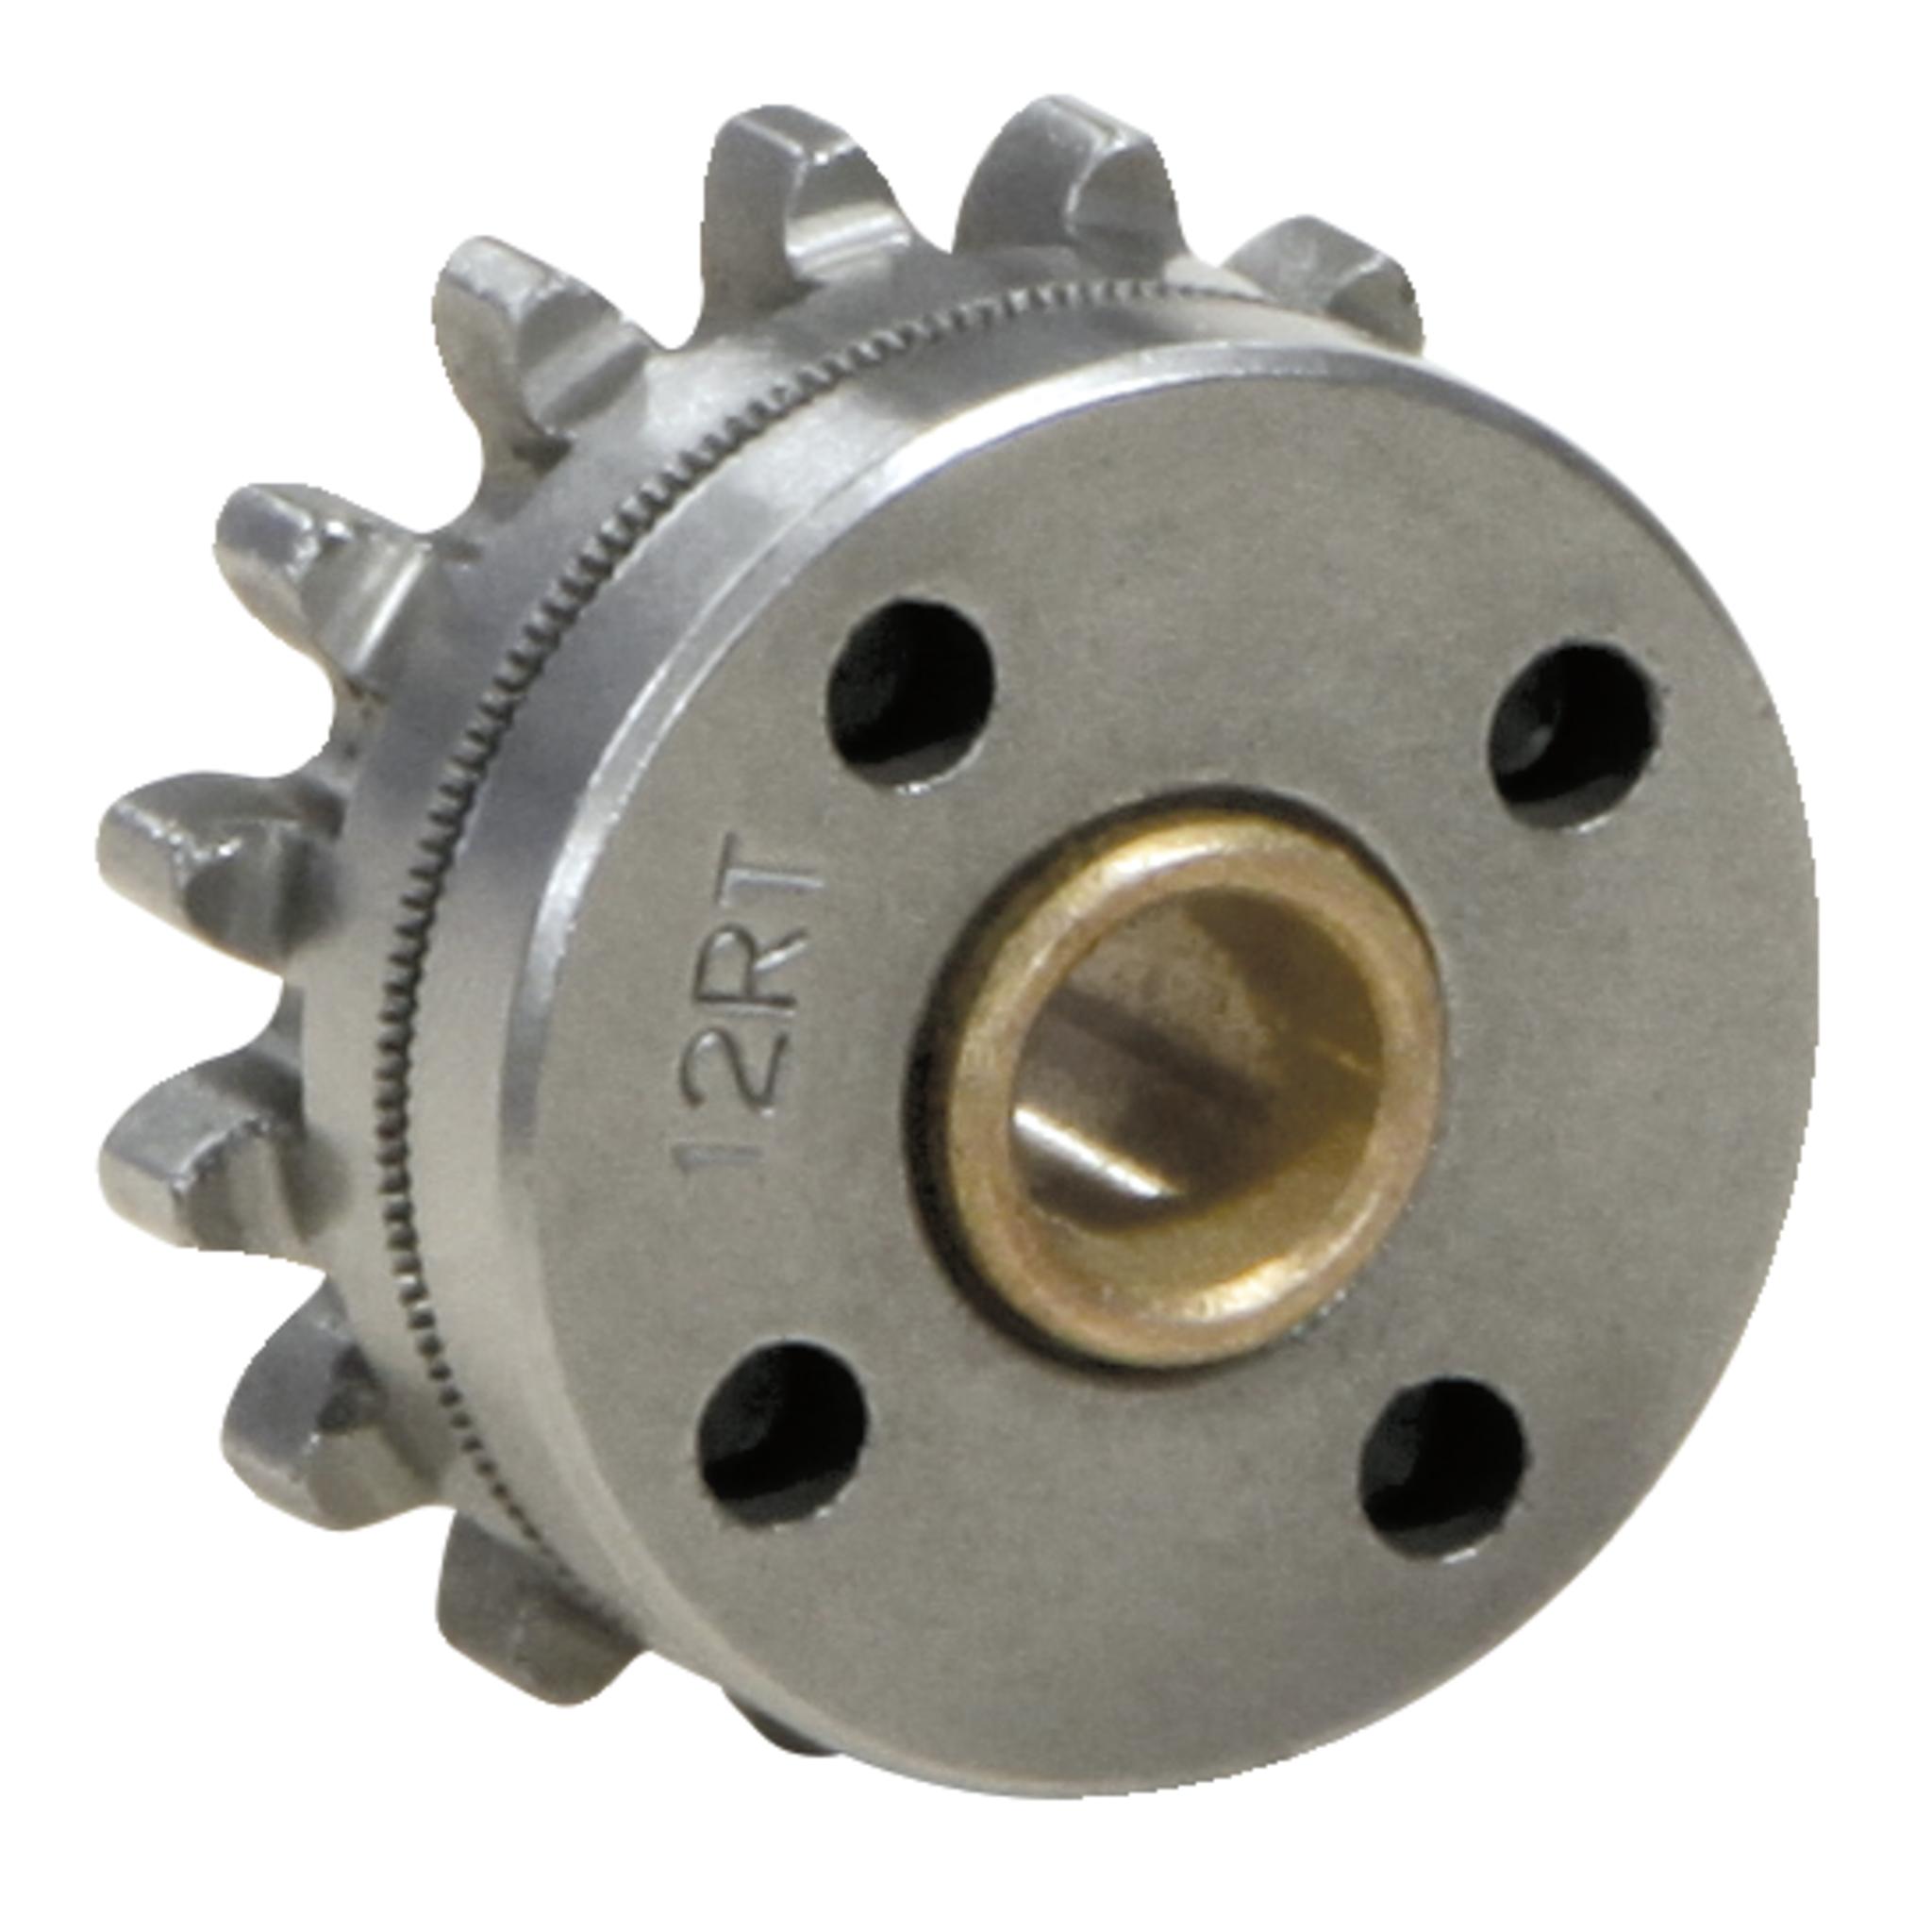 GYS 2 Vorschubrollen - Typ E glatt - Stahl / Edelstahl 038561